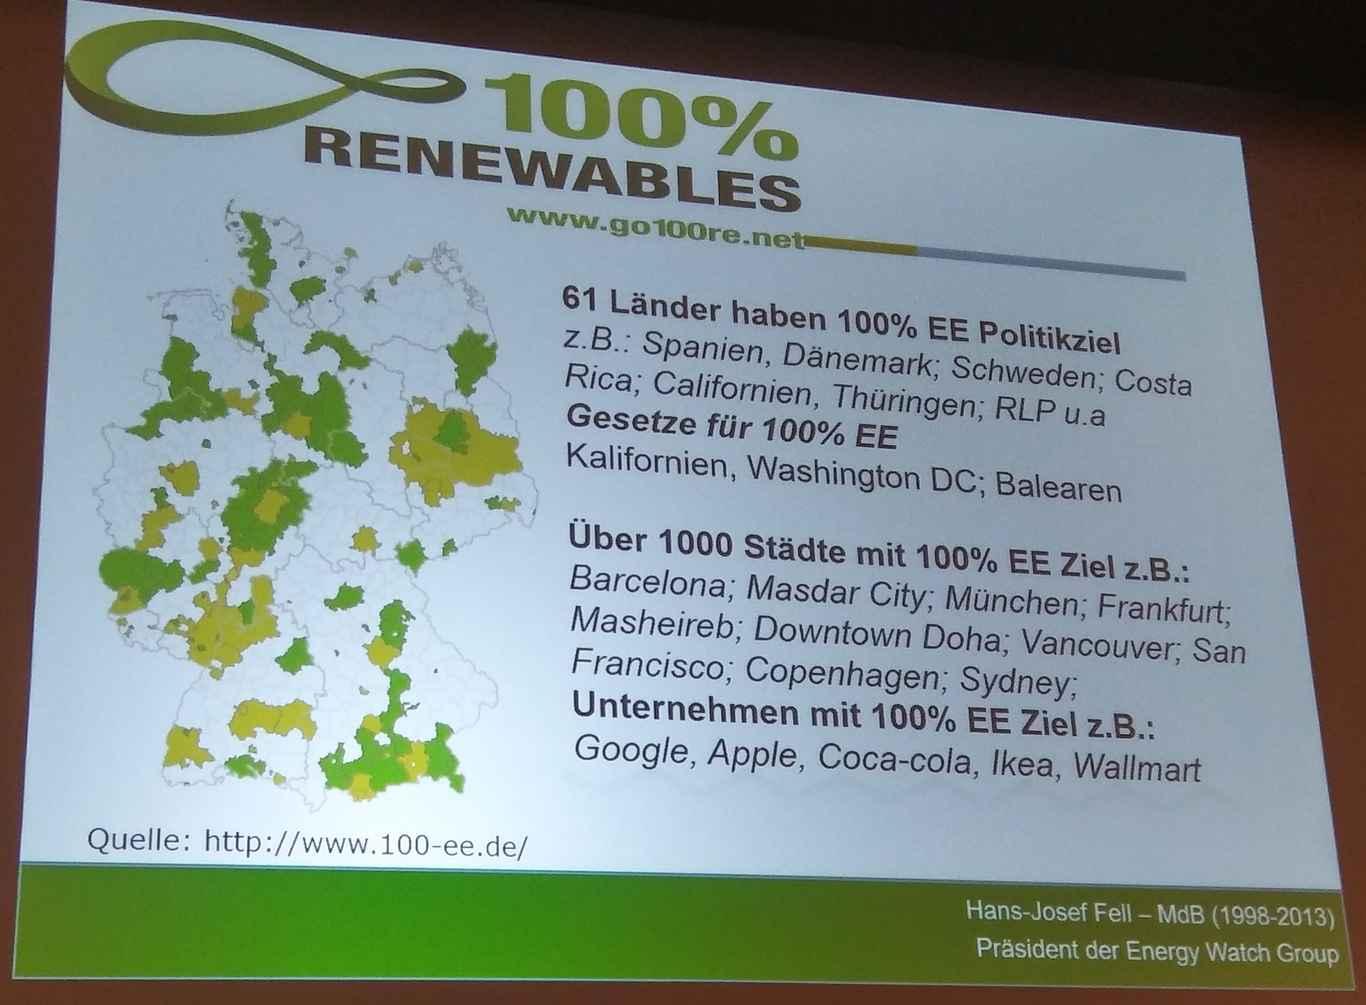 100% erneuerbare Energien aus Sonne, Wind, etc. ist möglich ....es fehlt der politische WILLE